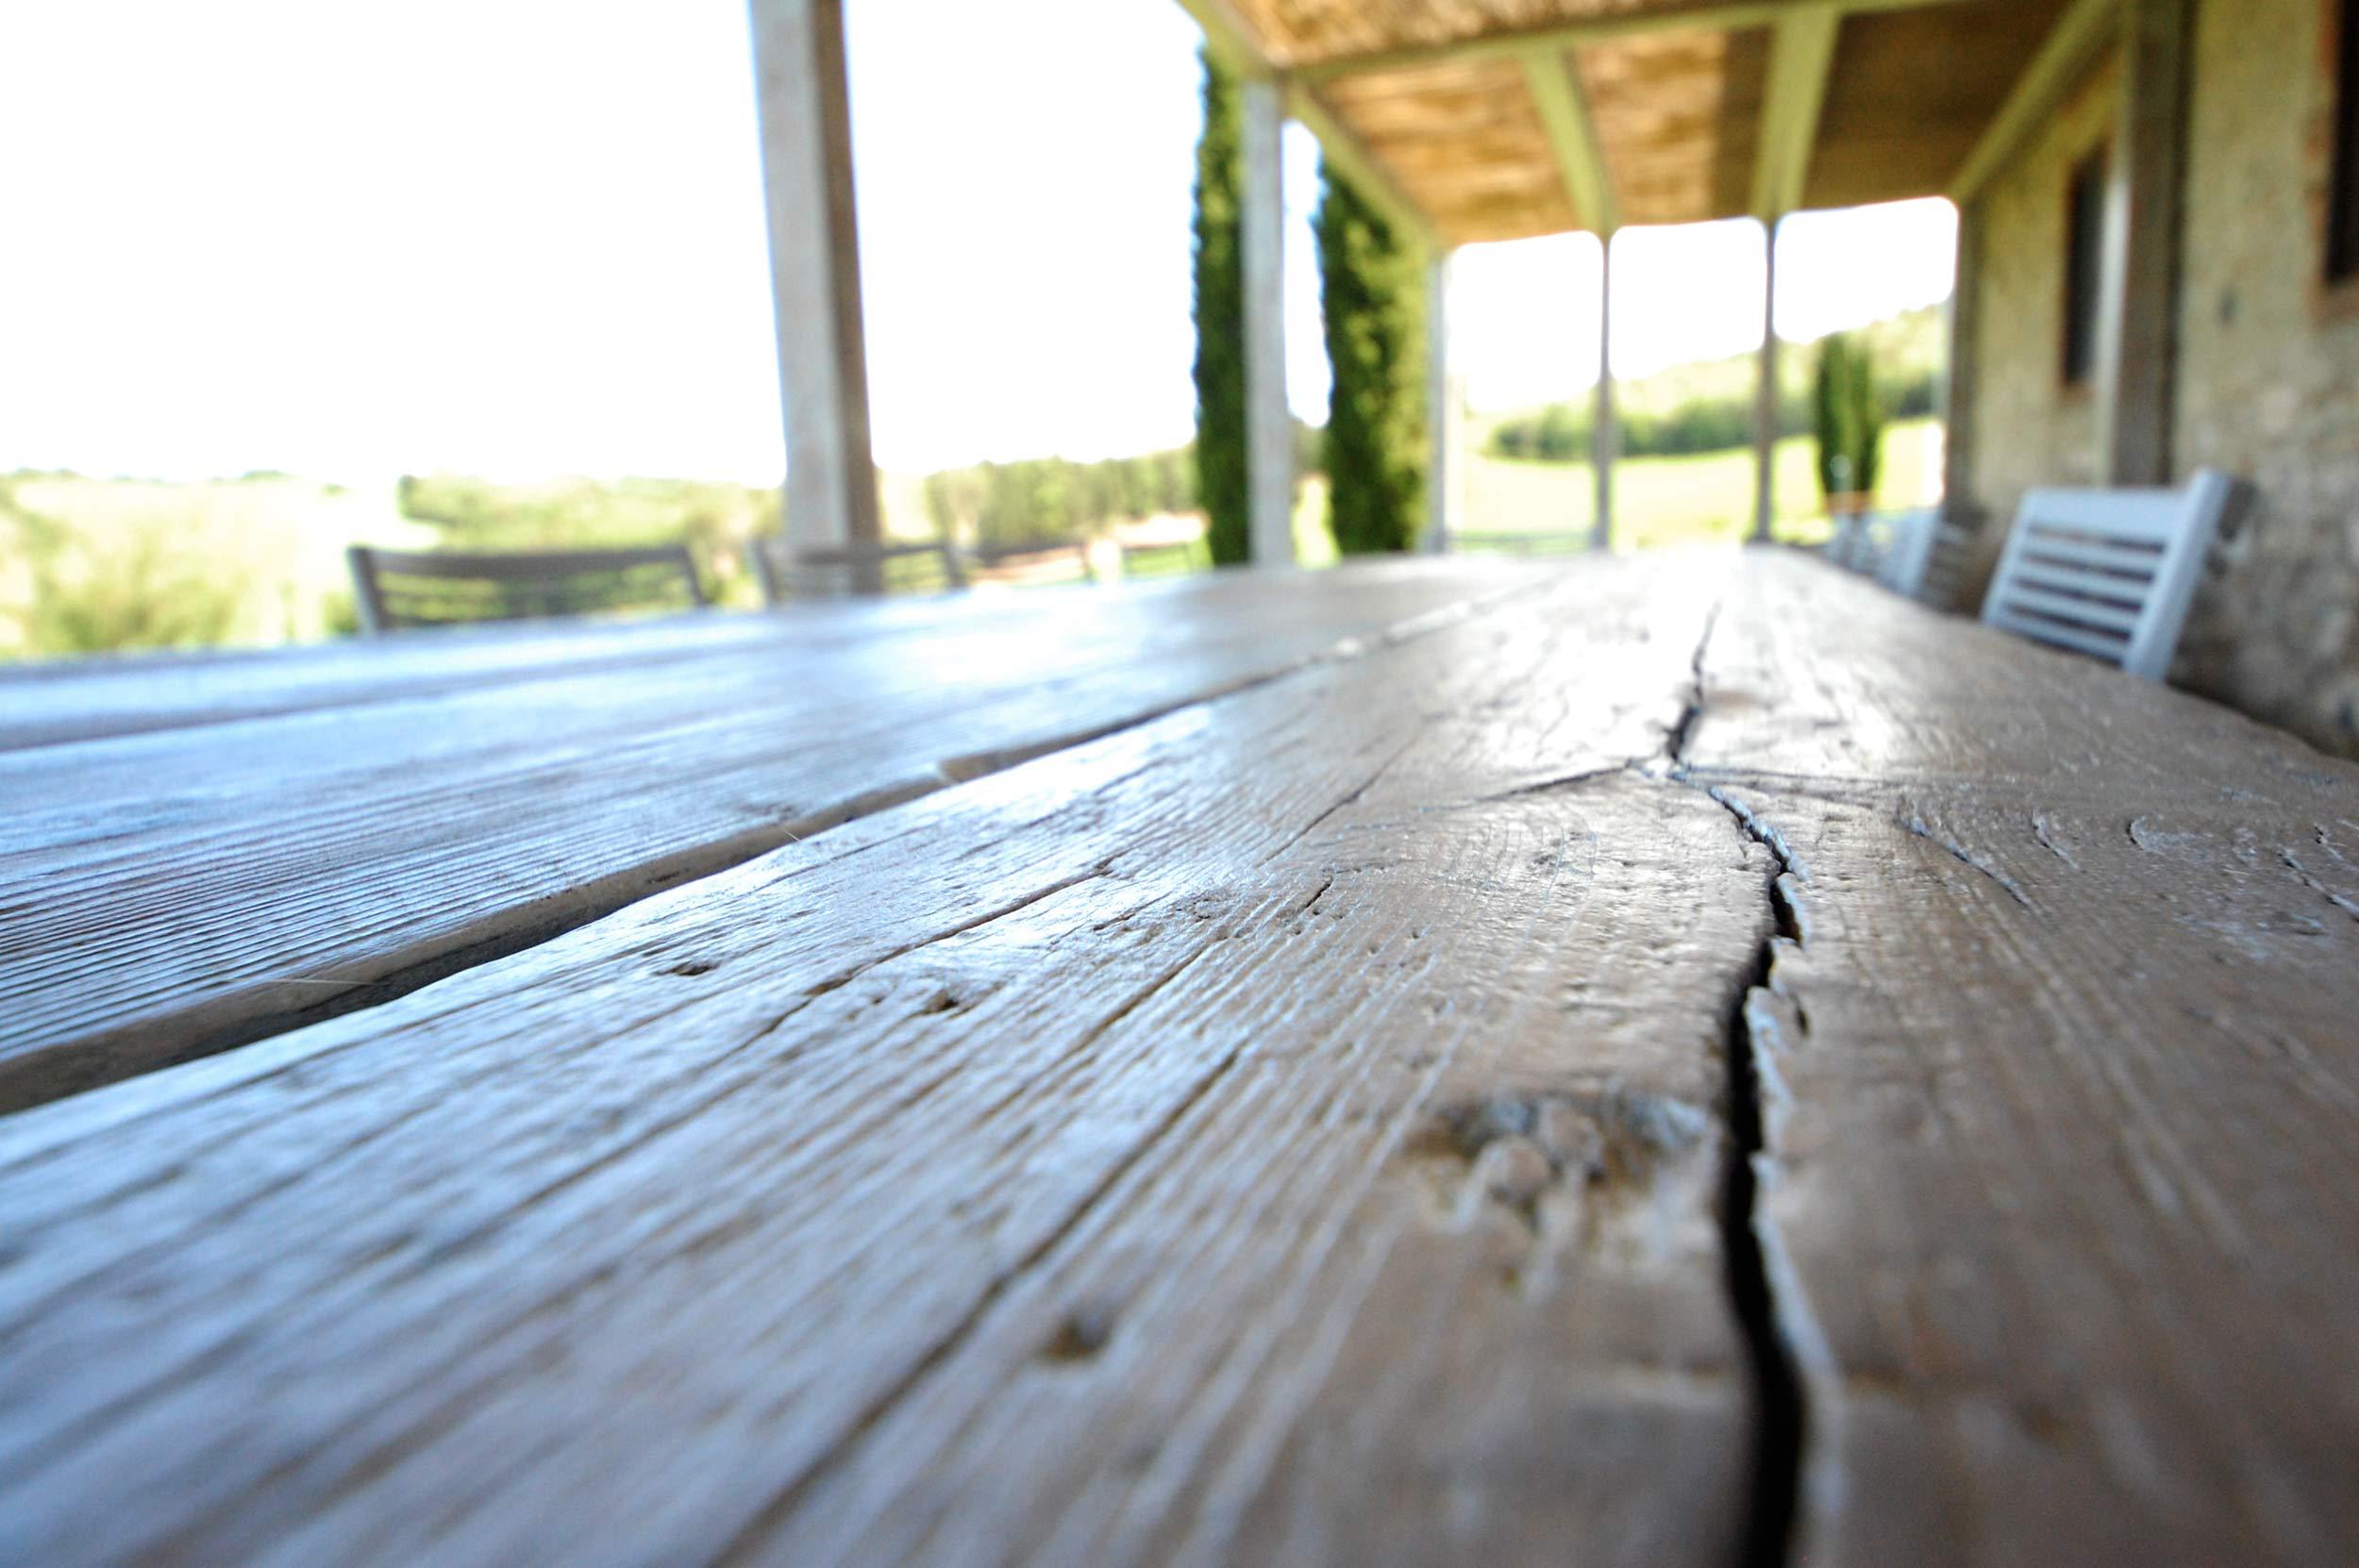 Antico tavolo in legno sbiancato